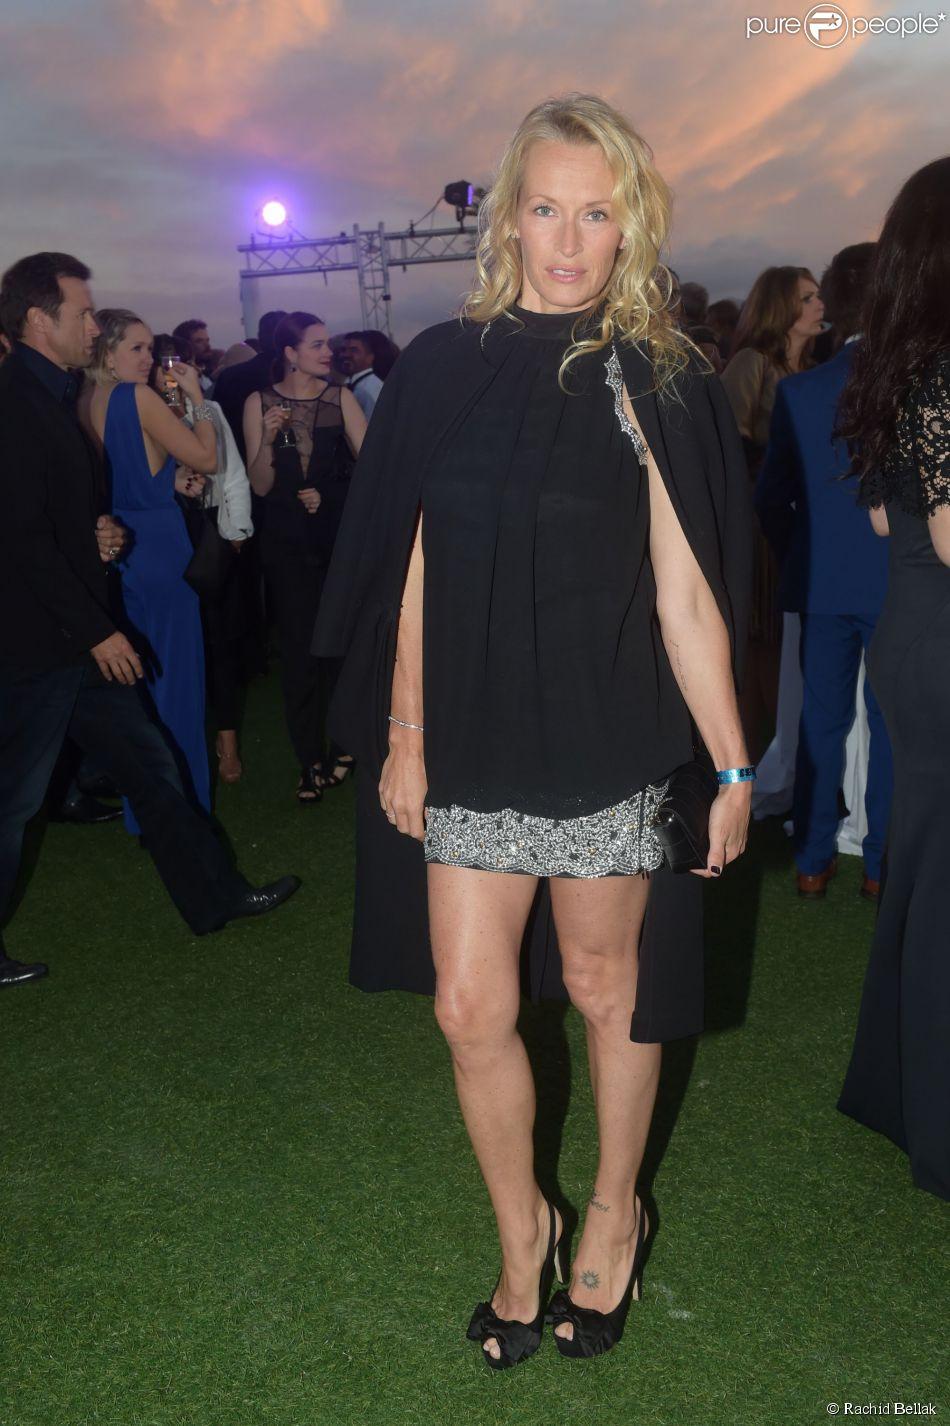 Estelle Lefébure lors de la soirée du film Expendables au Gotha avec le joaillier De Grisogono, durant le Festival de Cannes le 18 mai 2014